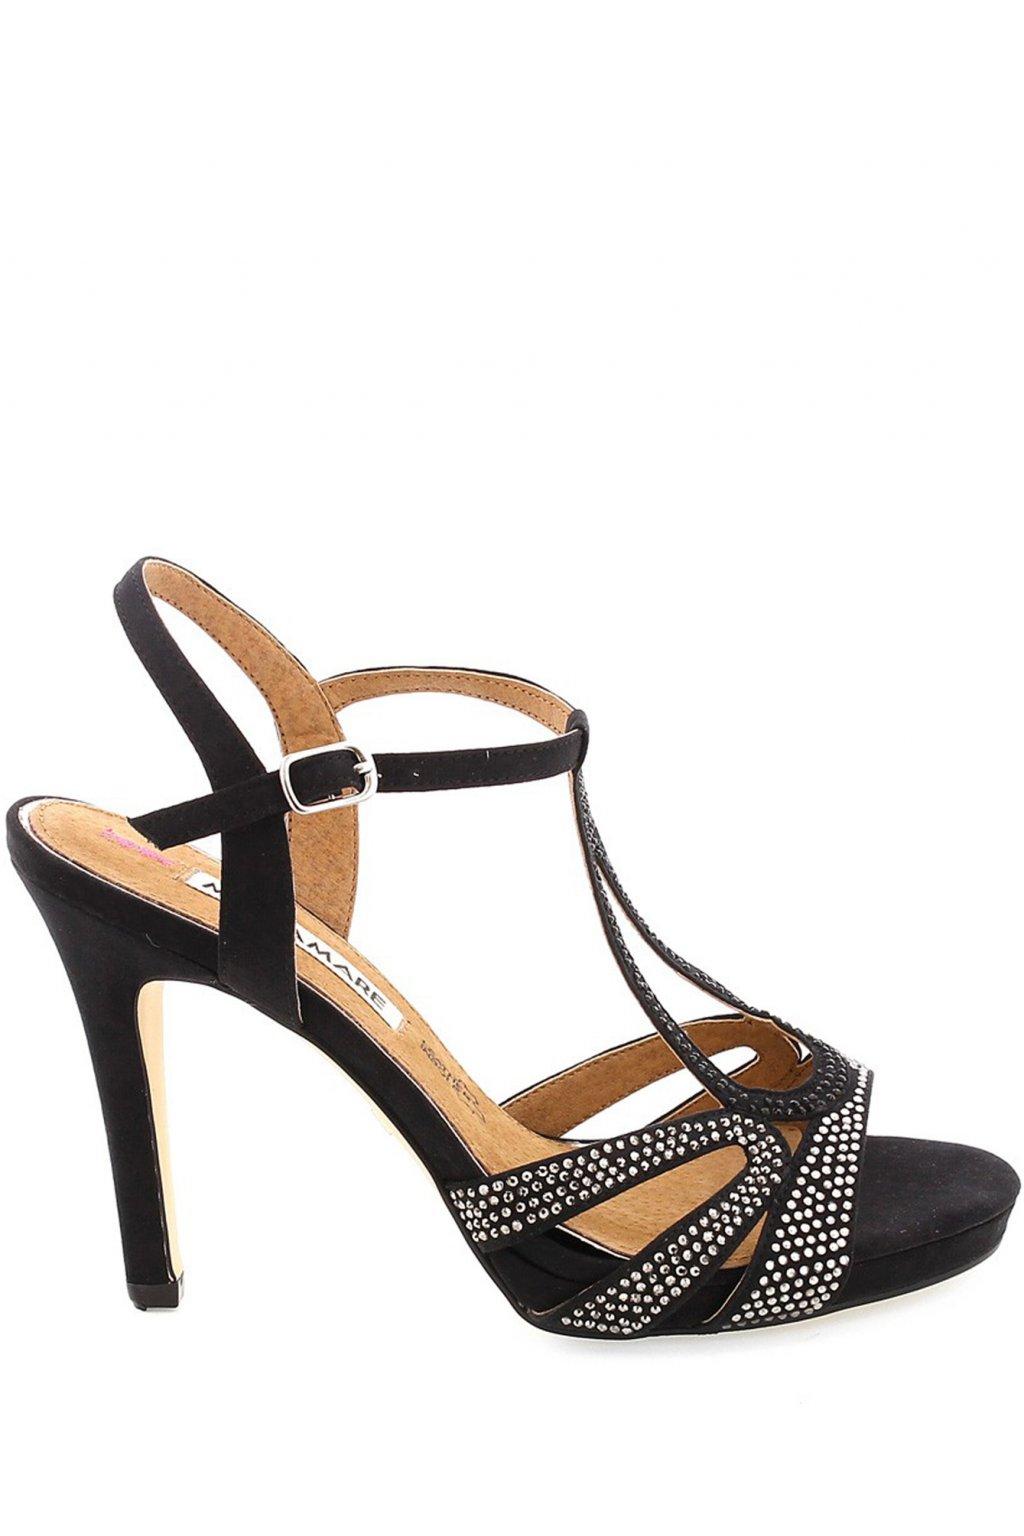 Černé zdobené páskové sandály na podpatku MARIA MARE